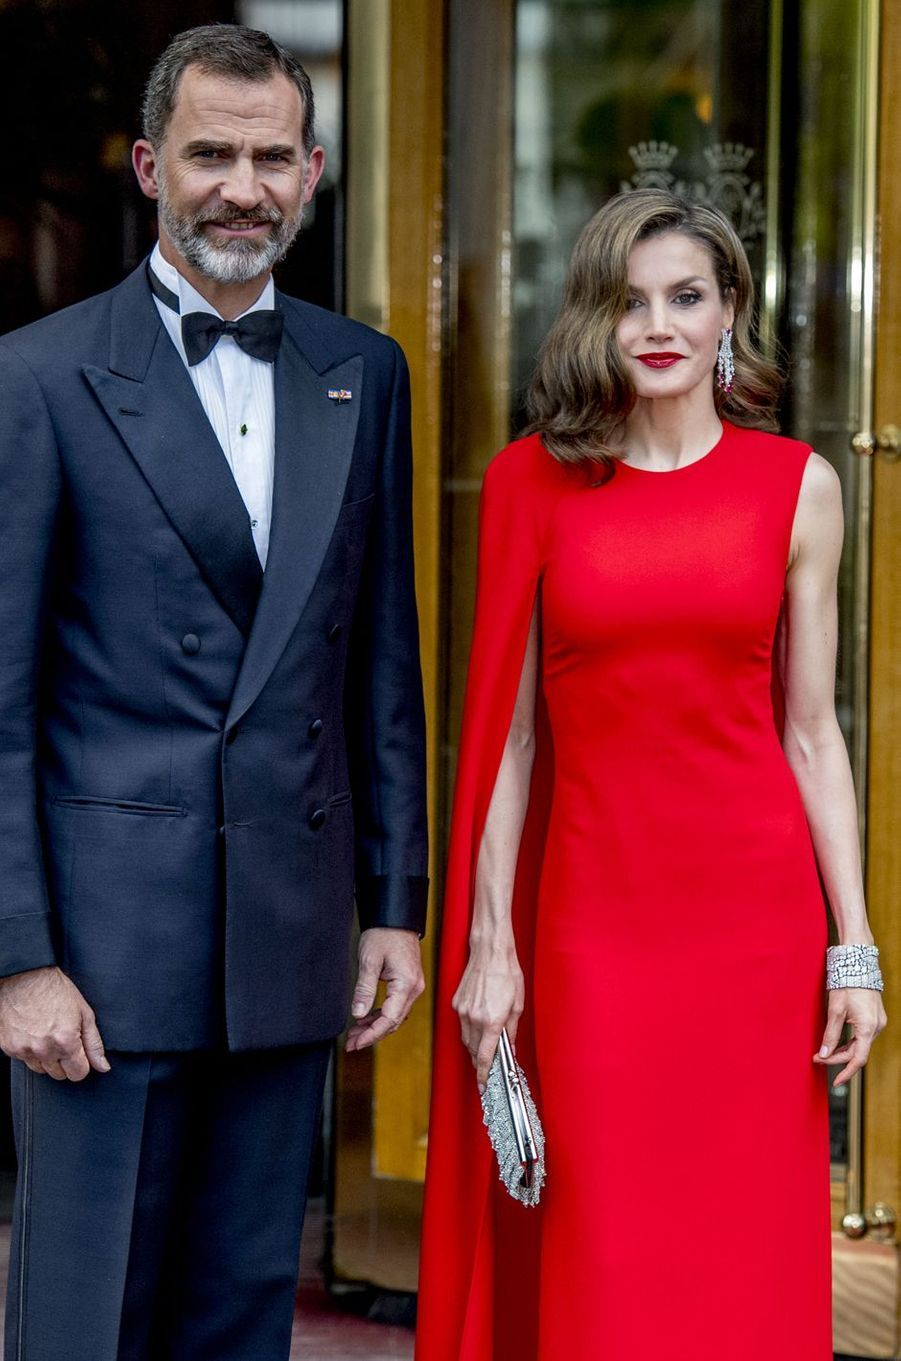 La reine Letizia et le roi Felipe VI d'Espagne à La Haye, le 29 avril 2017